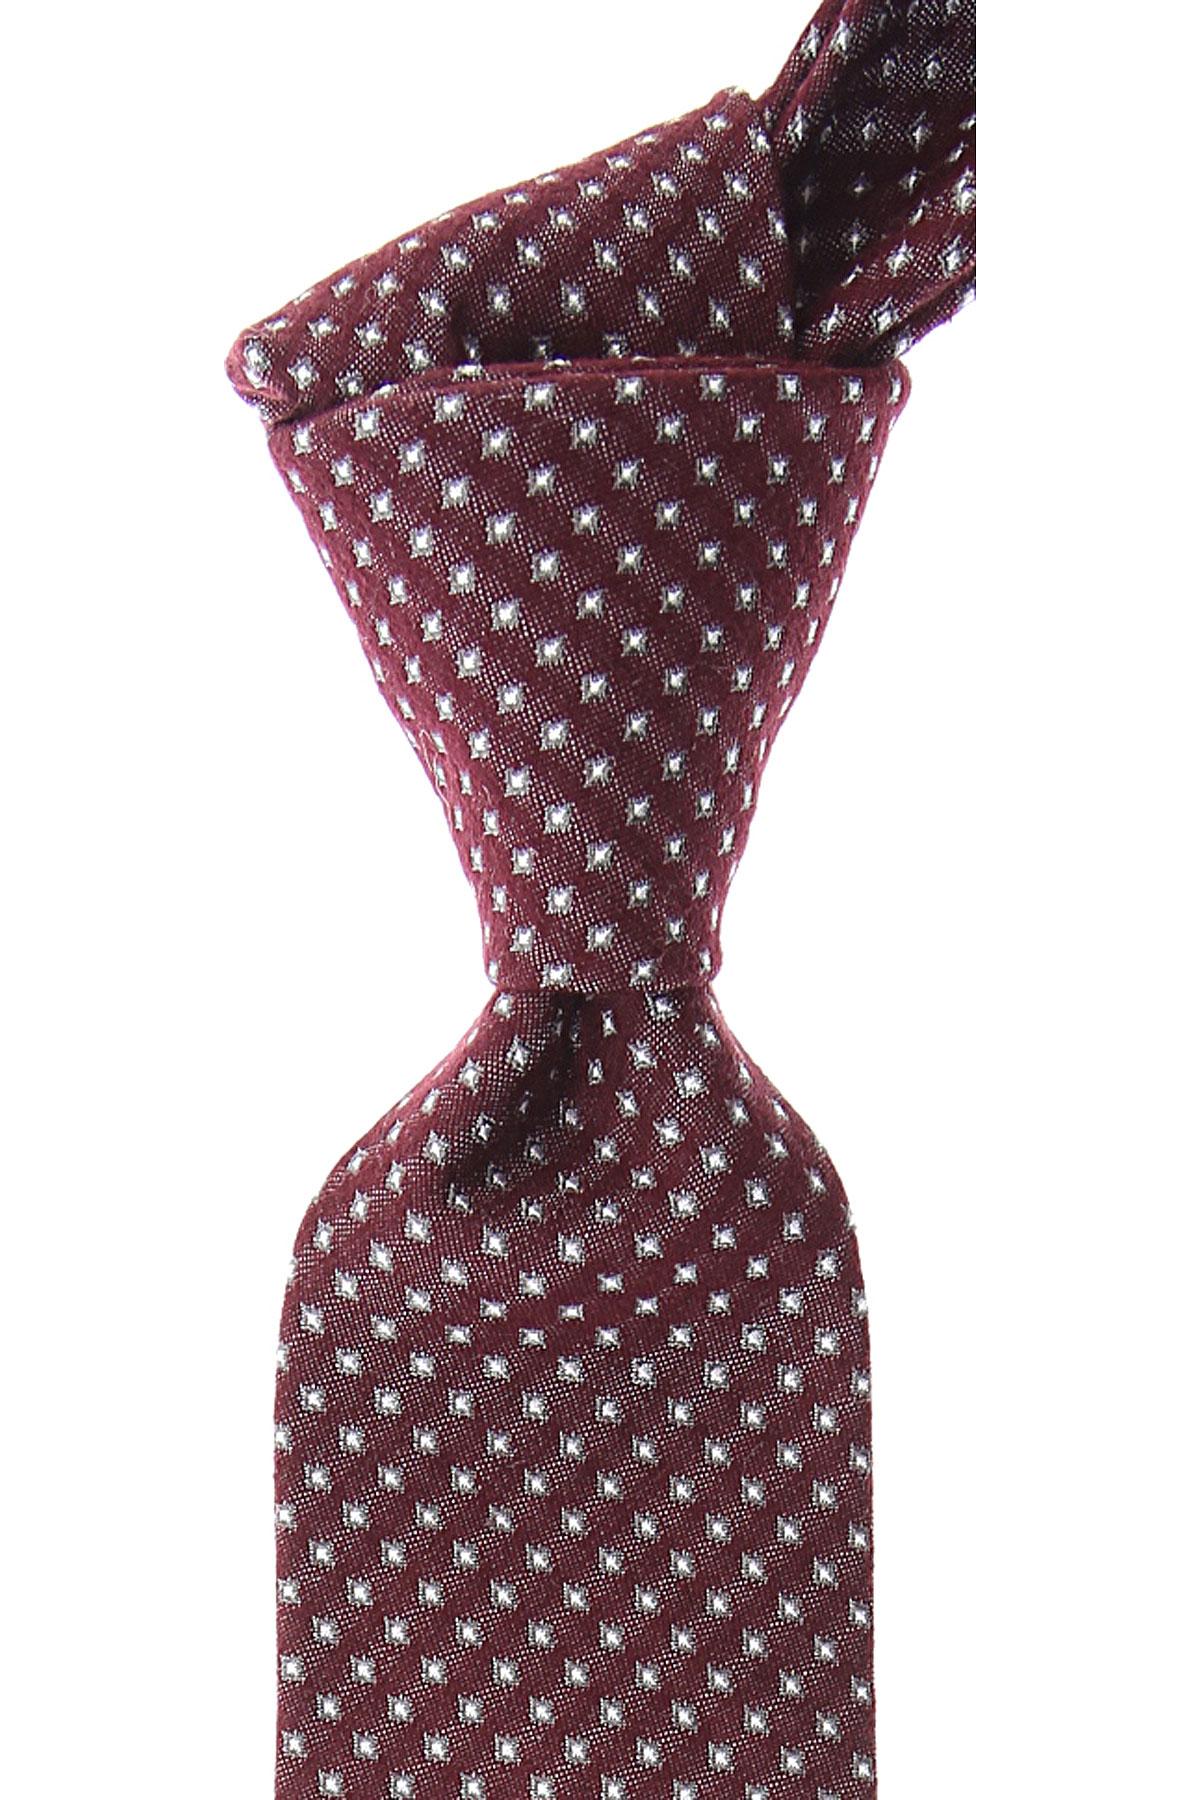 Christian Dior Cravates Pas cher en Soldes, Bordeaux, Soie, 2019